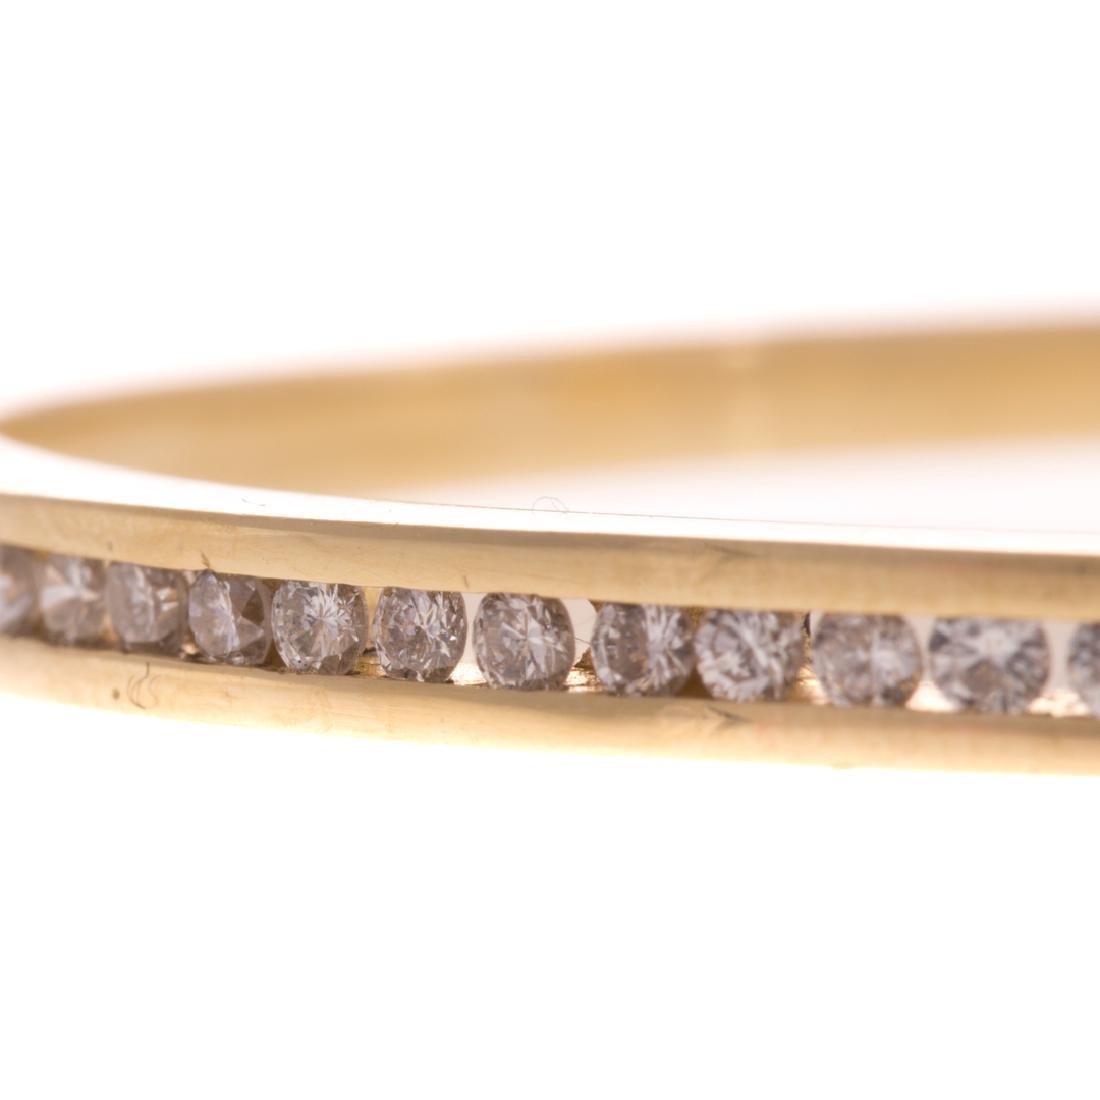 A Lady's Diamond Bangle Bracelet in 14K Gold - 2